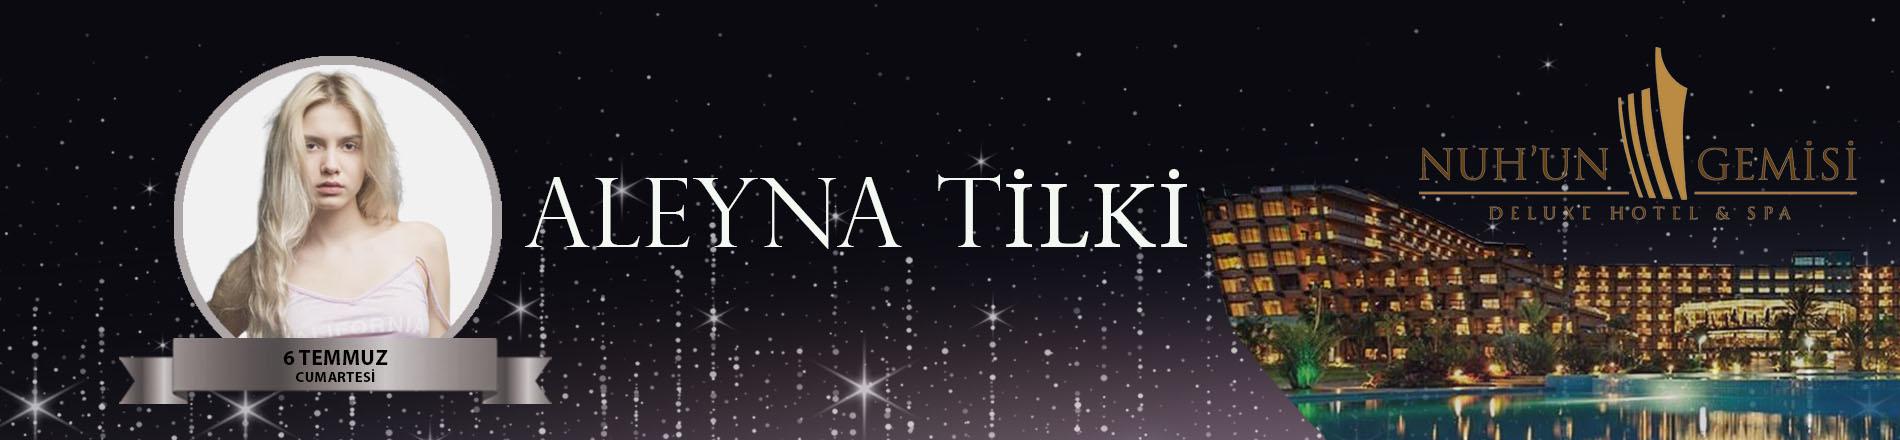 aleyna-tilki-buyuk